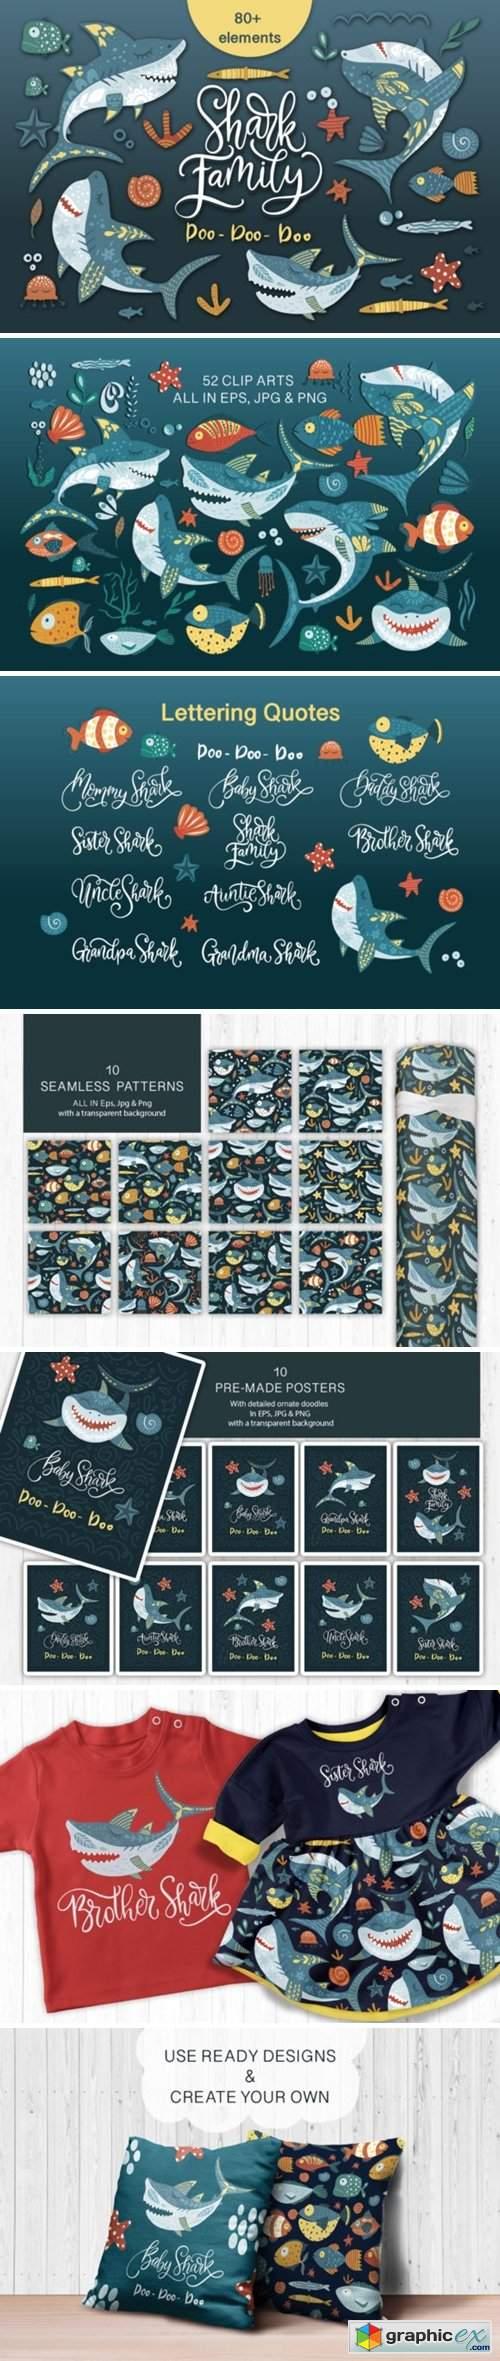 Shark Family. Do Do Do Graphic Set